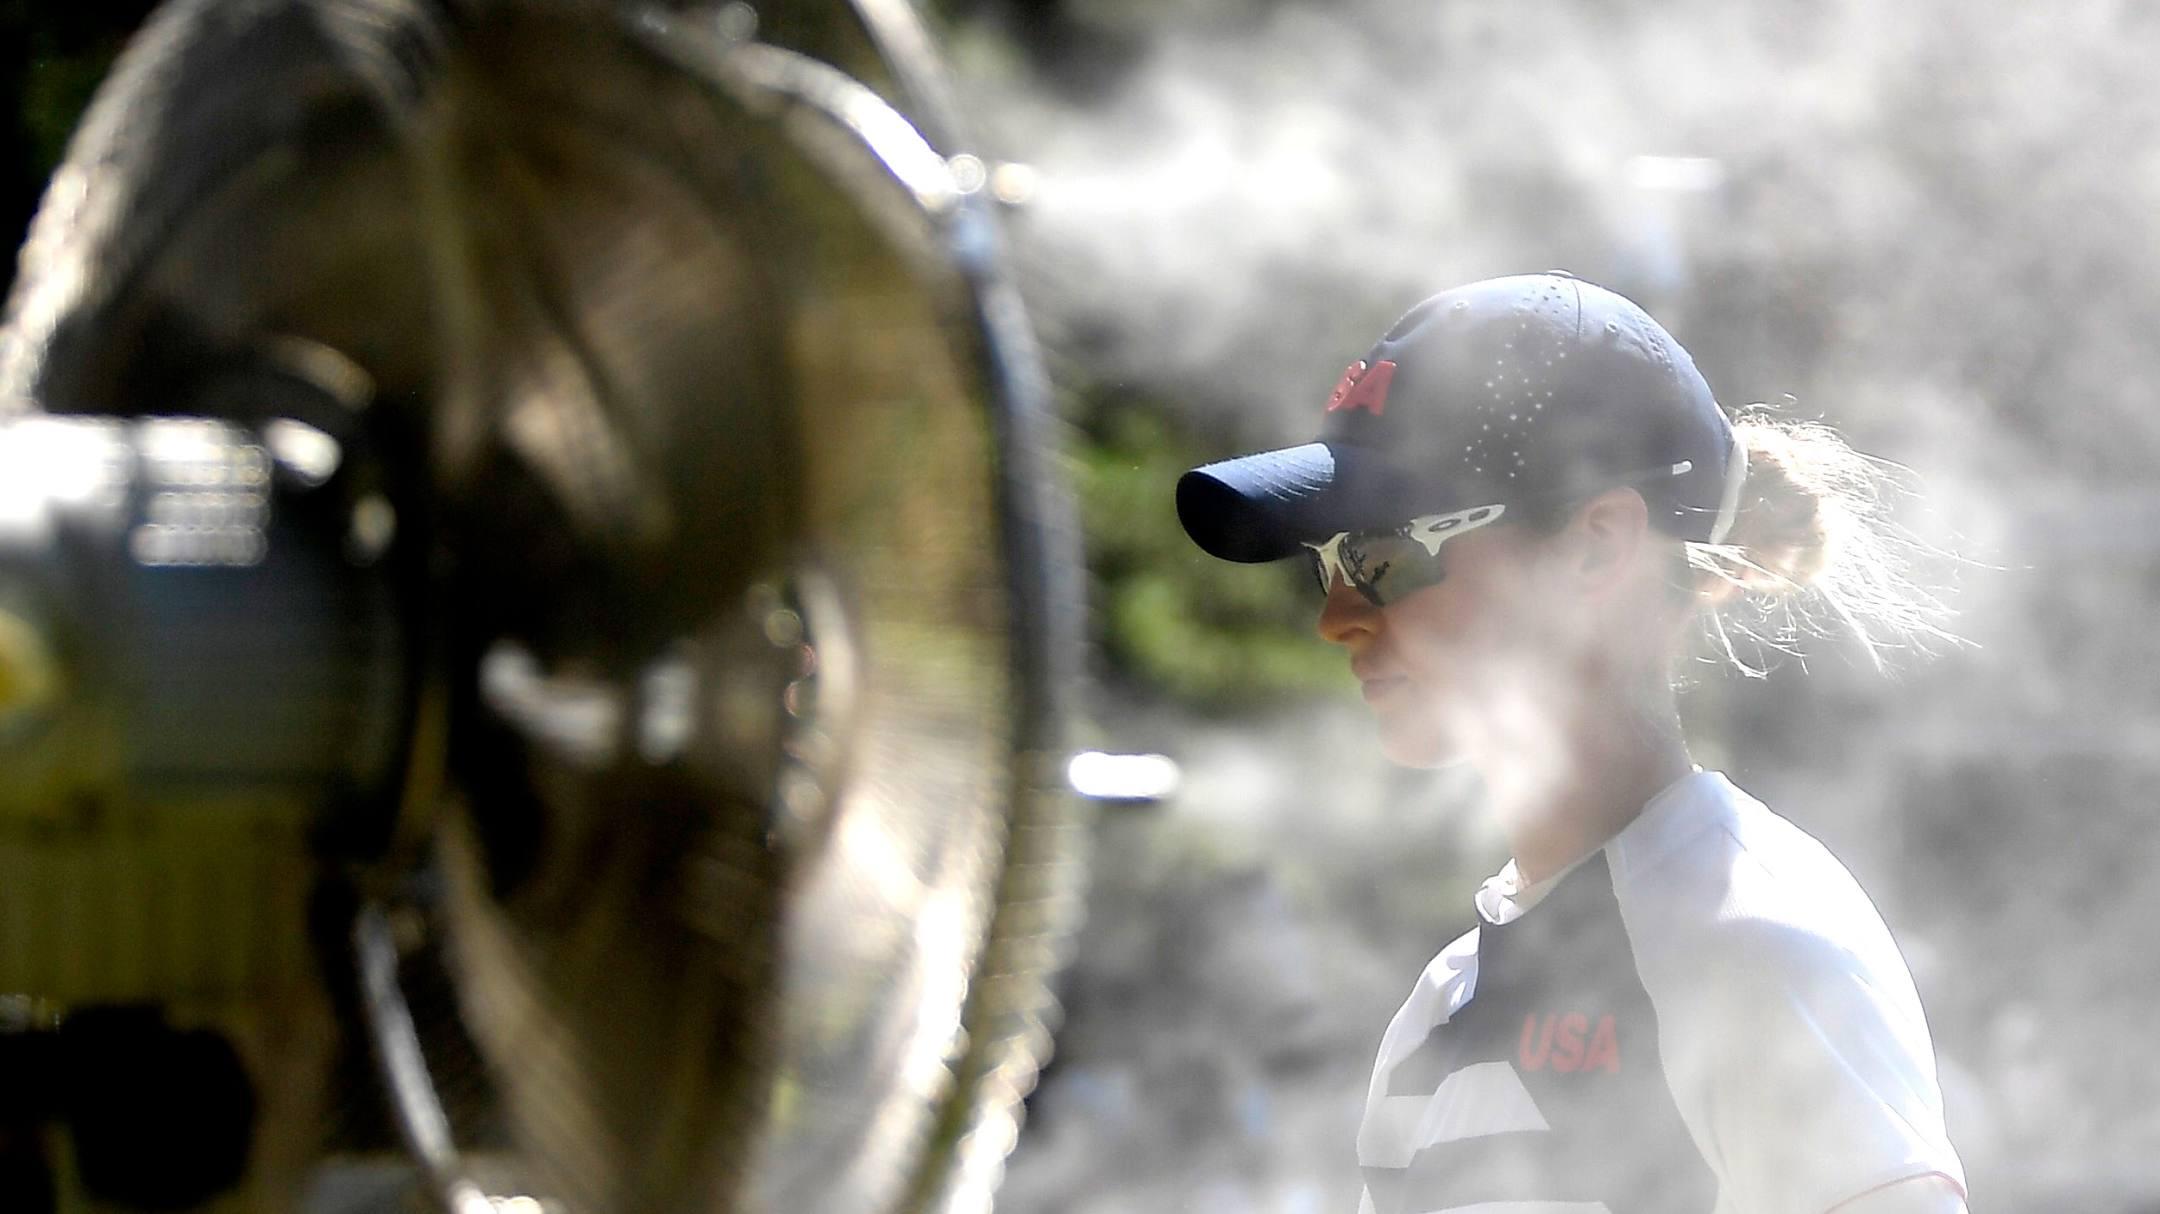 Quạt nước làm mát cho các đấu thủ nữ trên sân Đông Kasumigaseki hôm nay 5/8 hoạt động hết công suất. Ảnh: Reuters